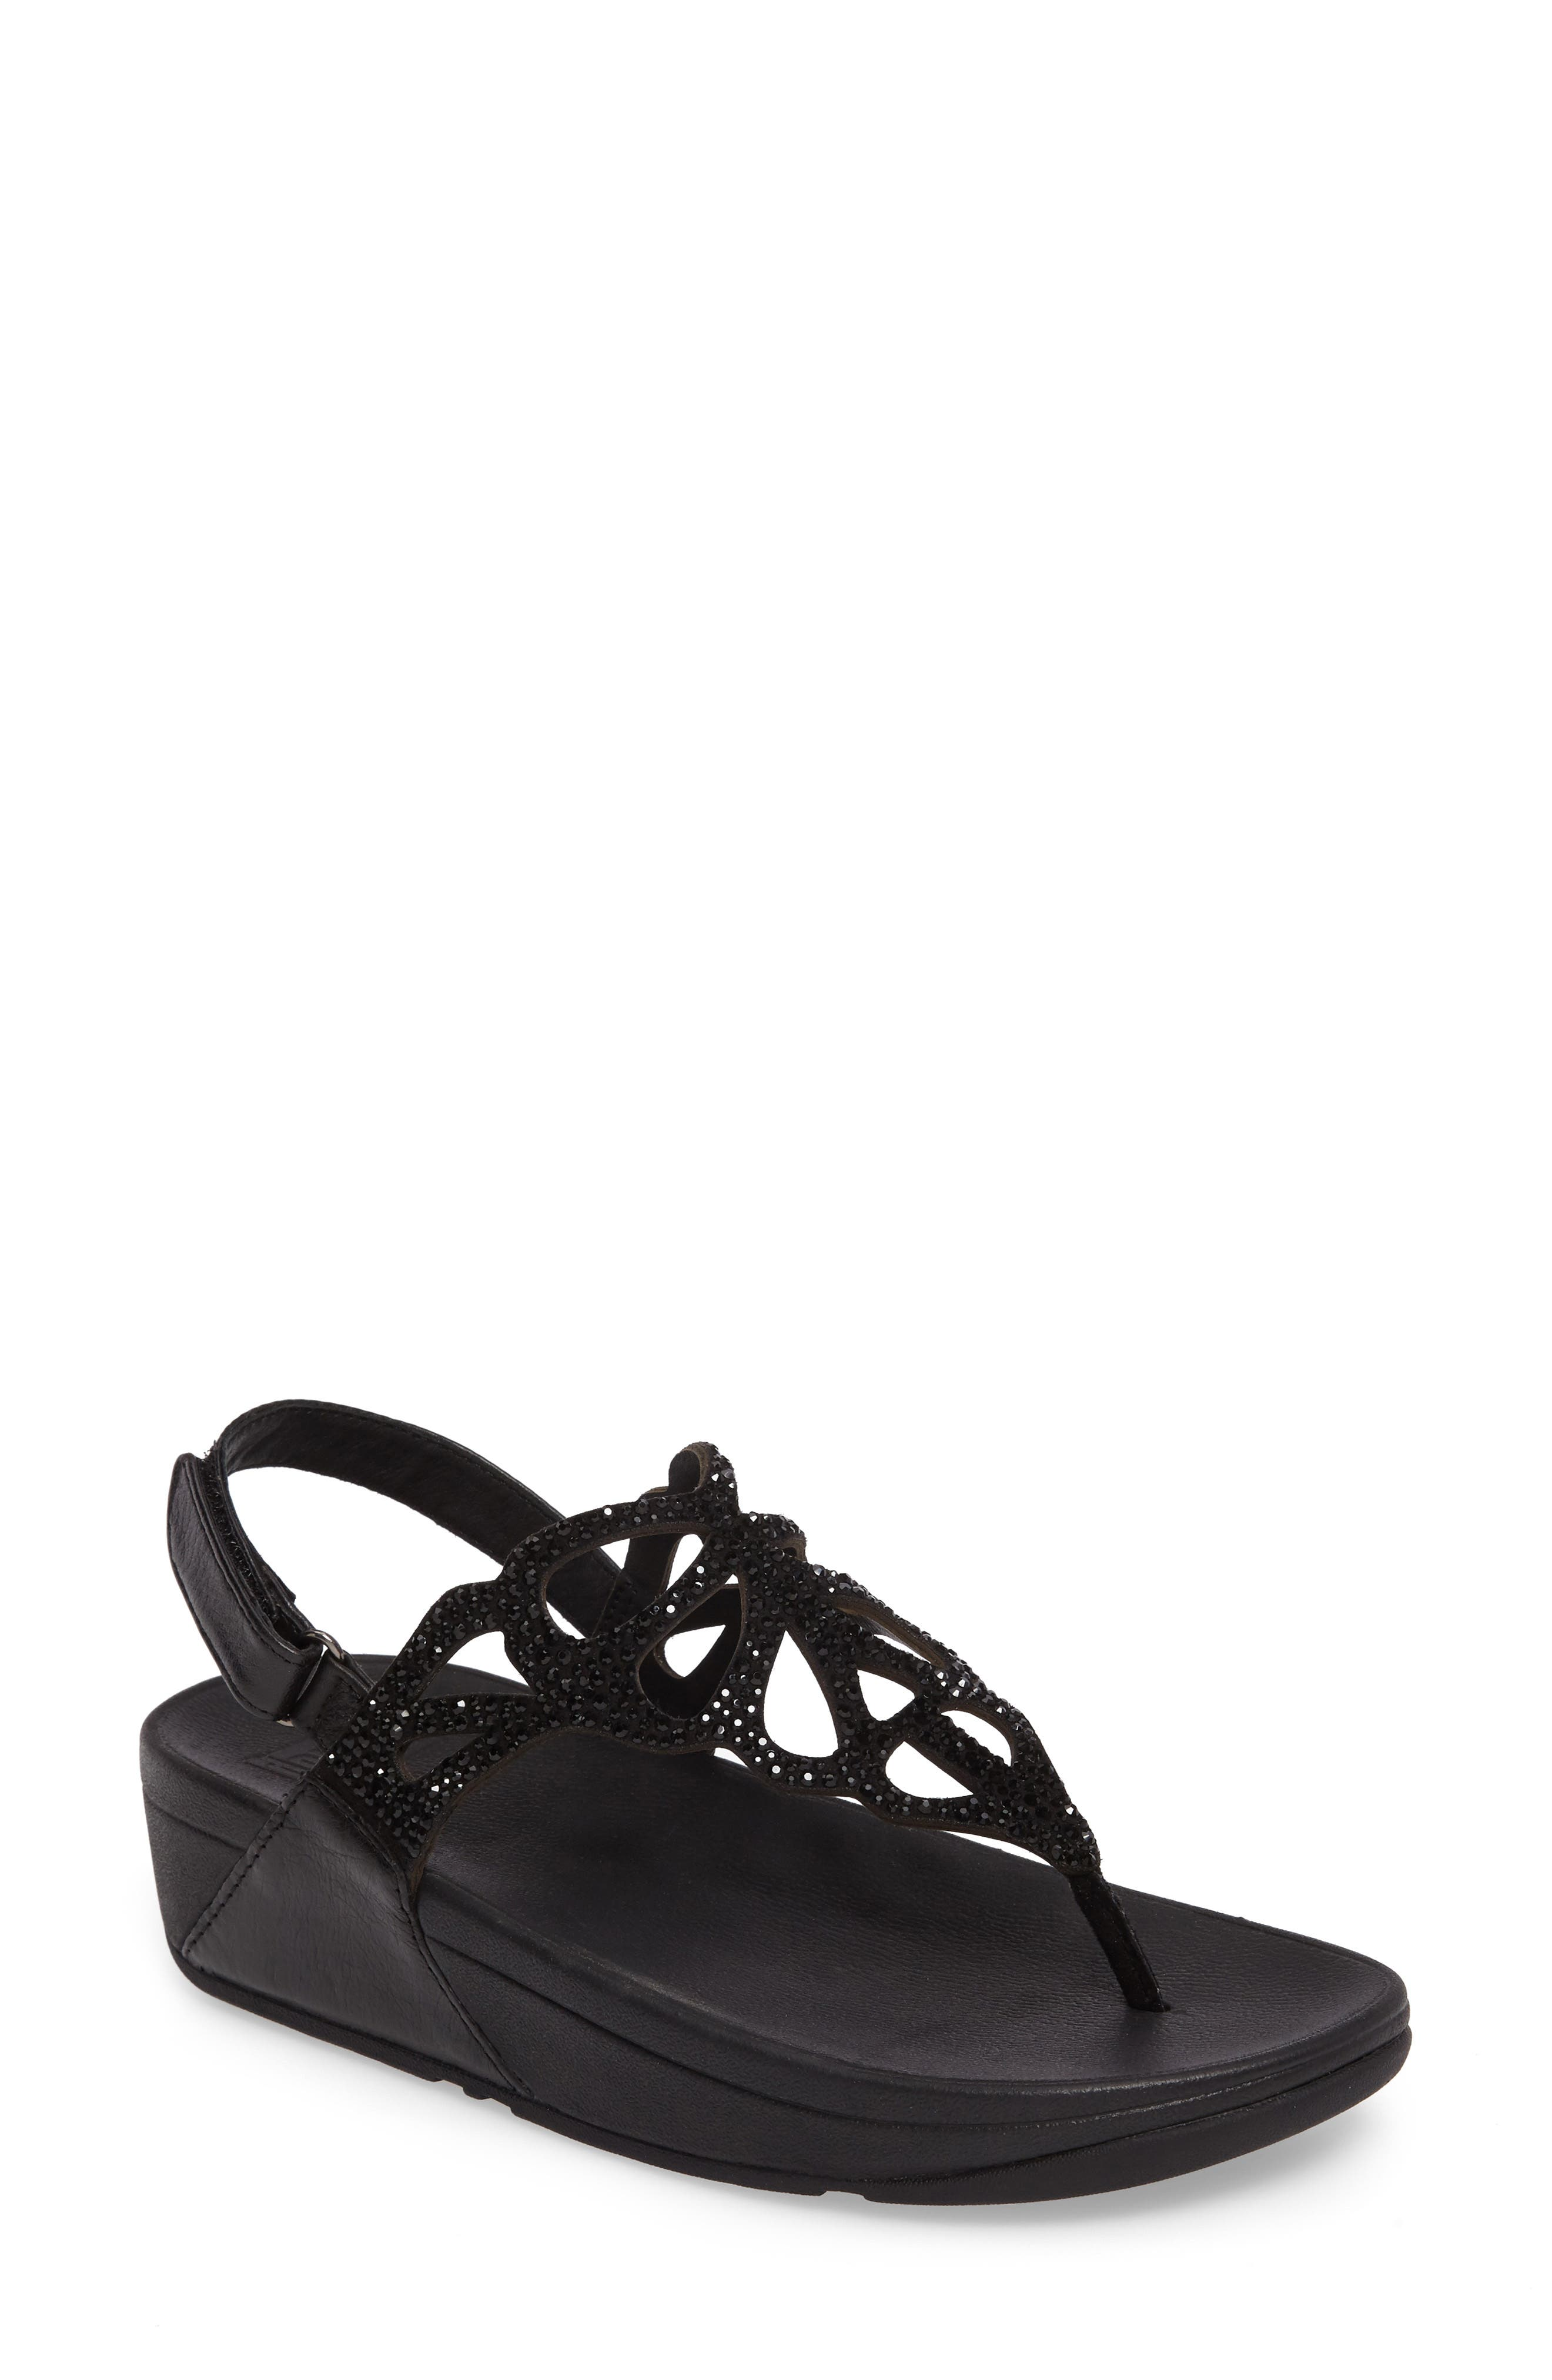 Bumble Crystal Embellished Sandal,                         Main,                         color, Black Leather